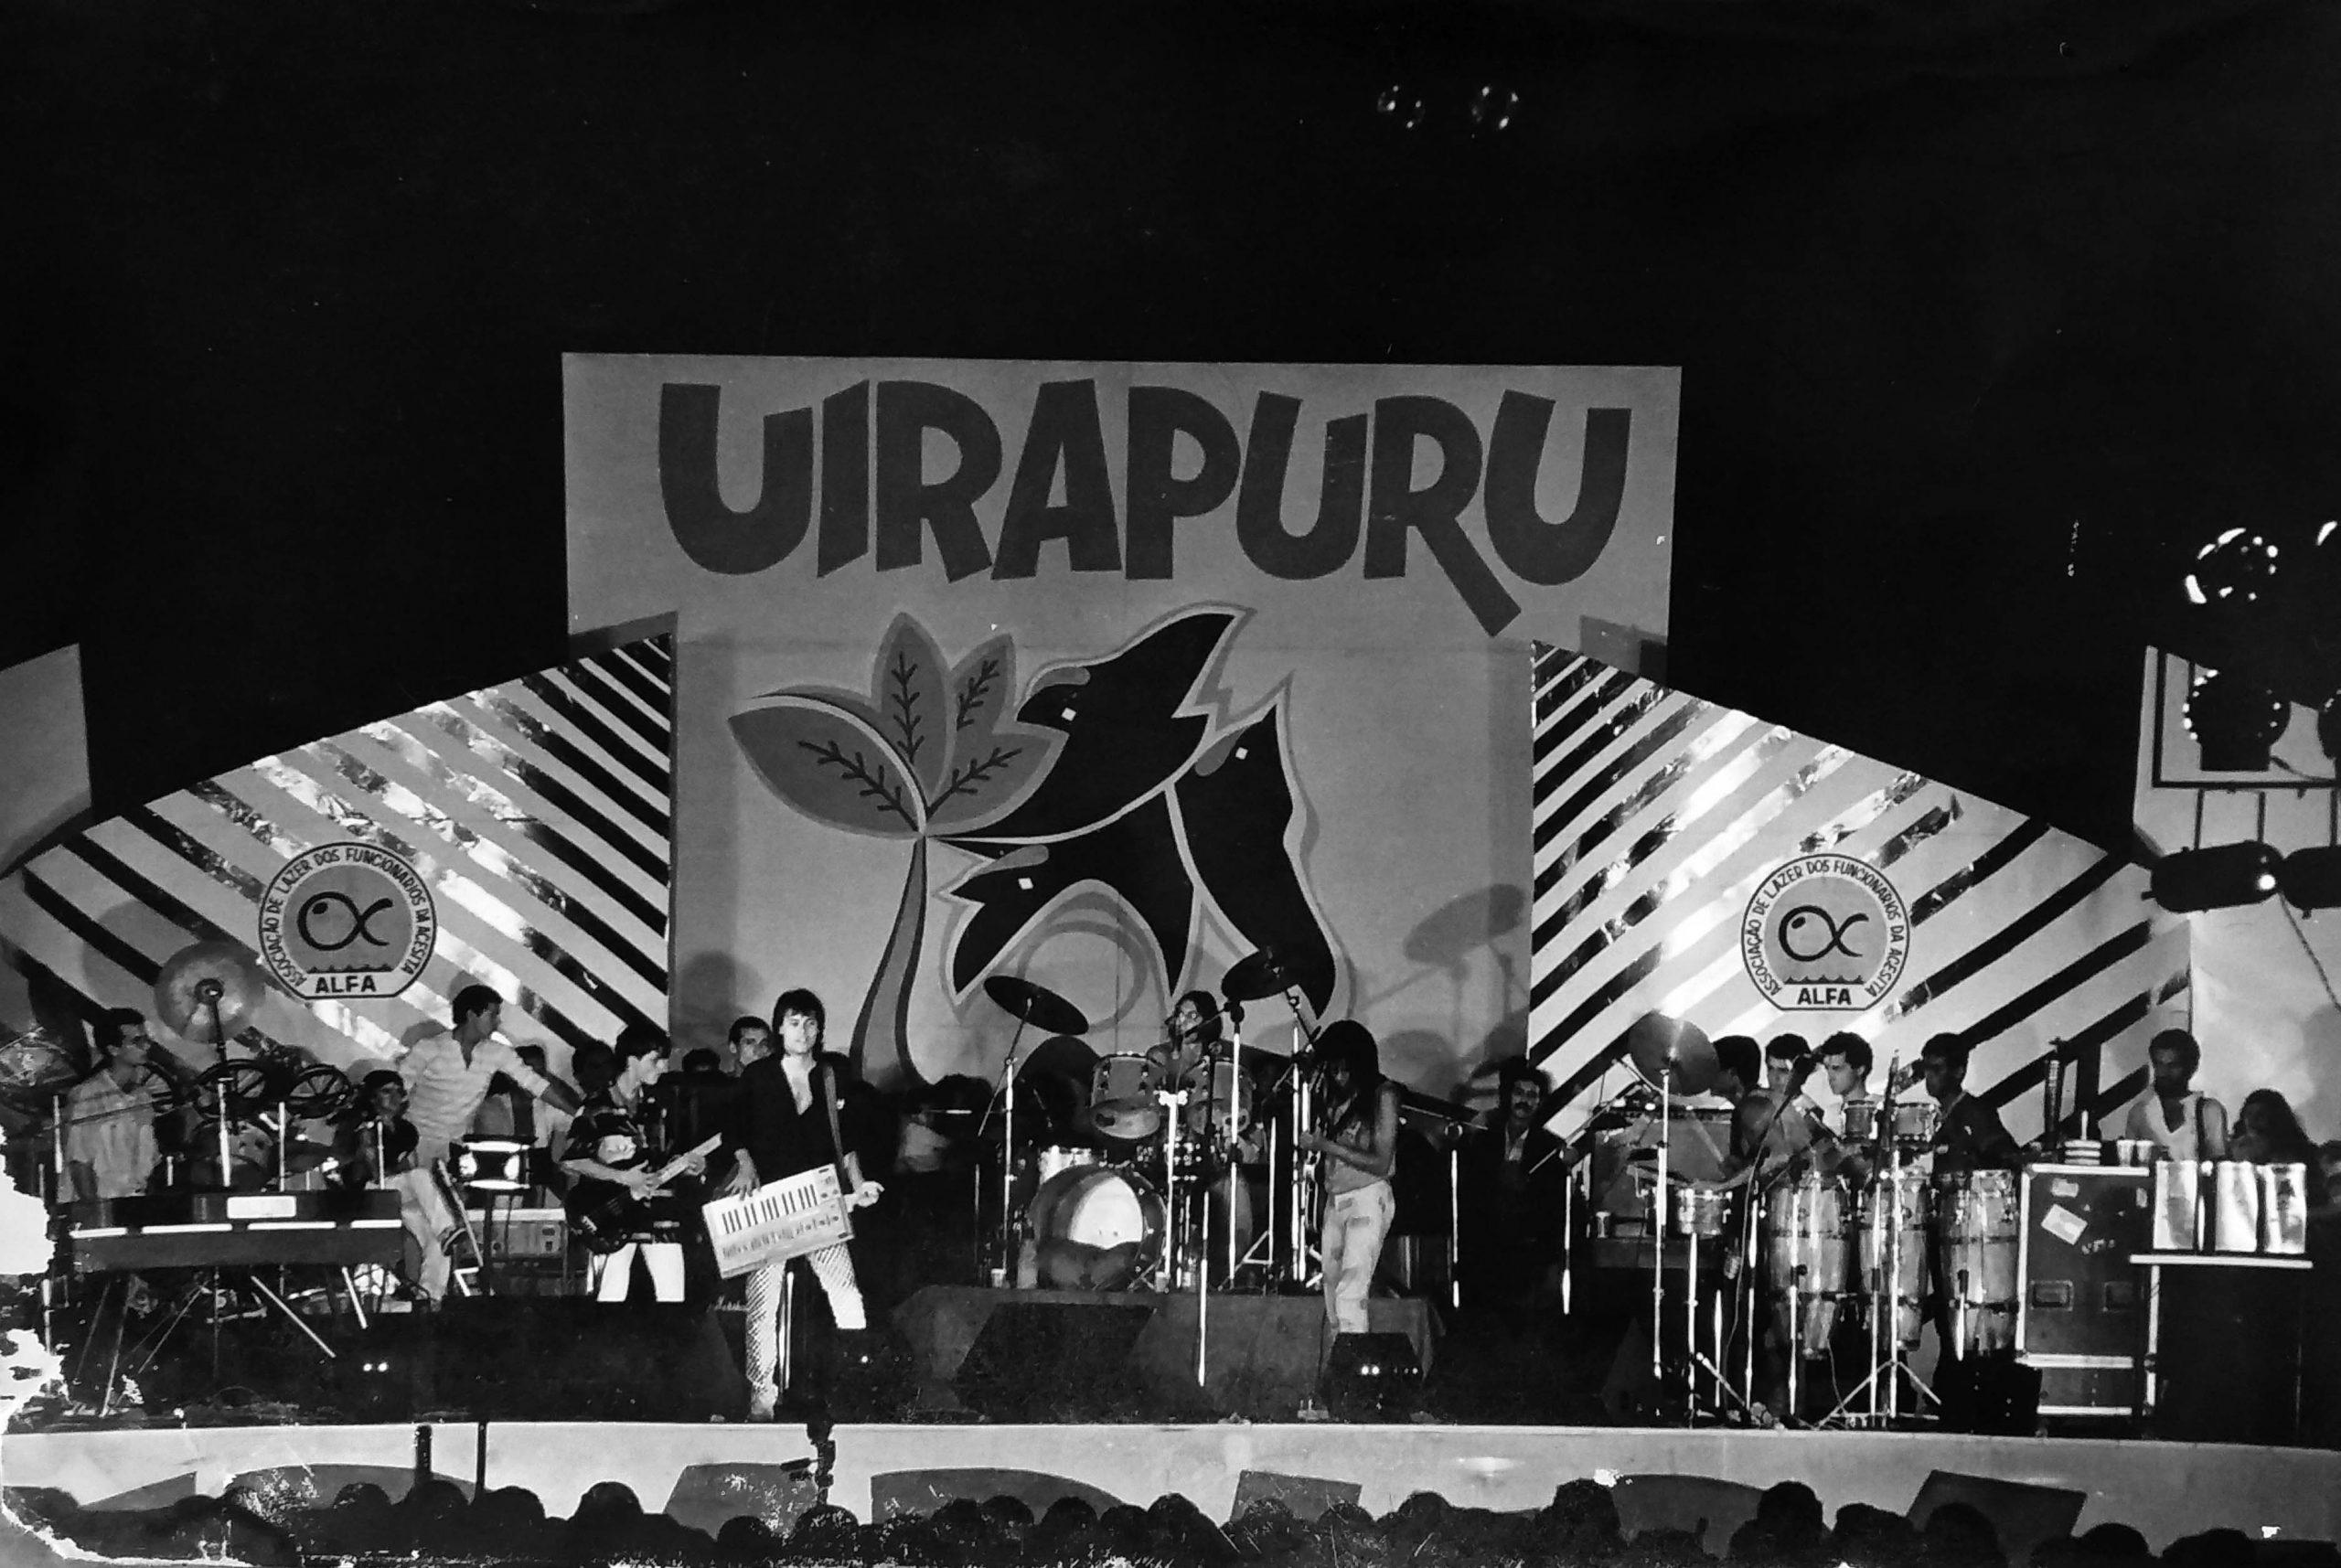 Acervo histórico do Festival Uirapuru é salvo nas últimas horas do Clube Alfa – Revista Caminhos Gerais